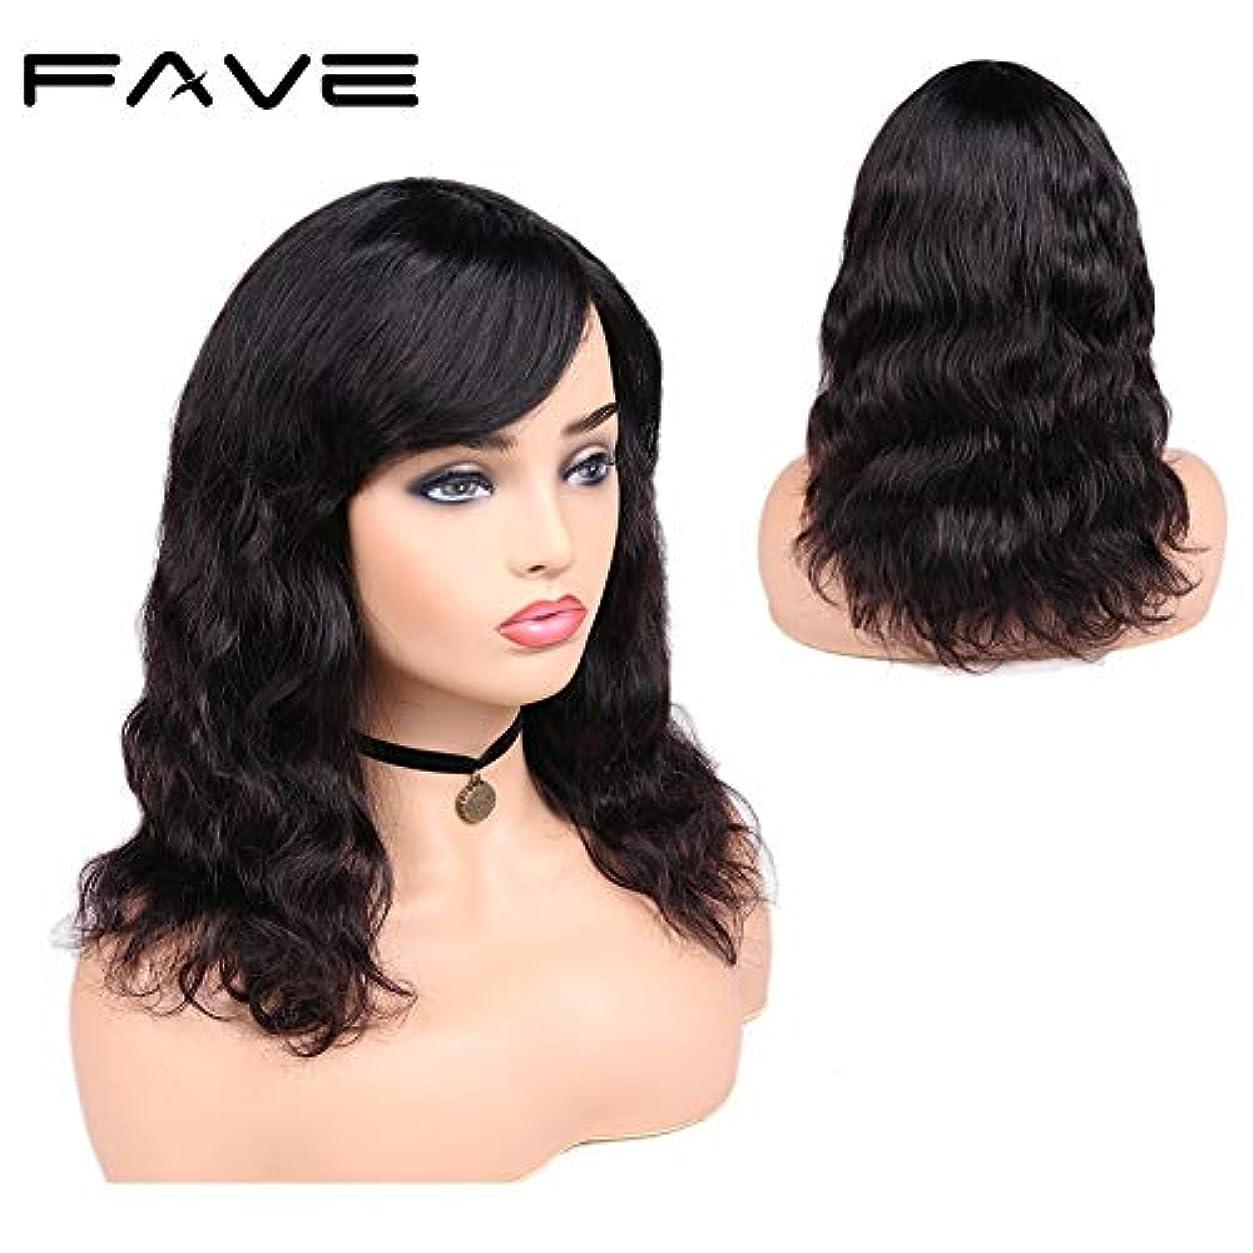 とティーム将来の滑る美しく ブラジルレミー100%人毛ウィッグボディ波に前髪ナチュラルブラックカラーの女性のギフトヘアー (Hair Color : Natural Black, Stretched Length : 14 inches)